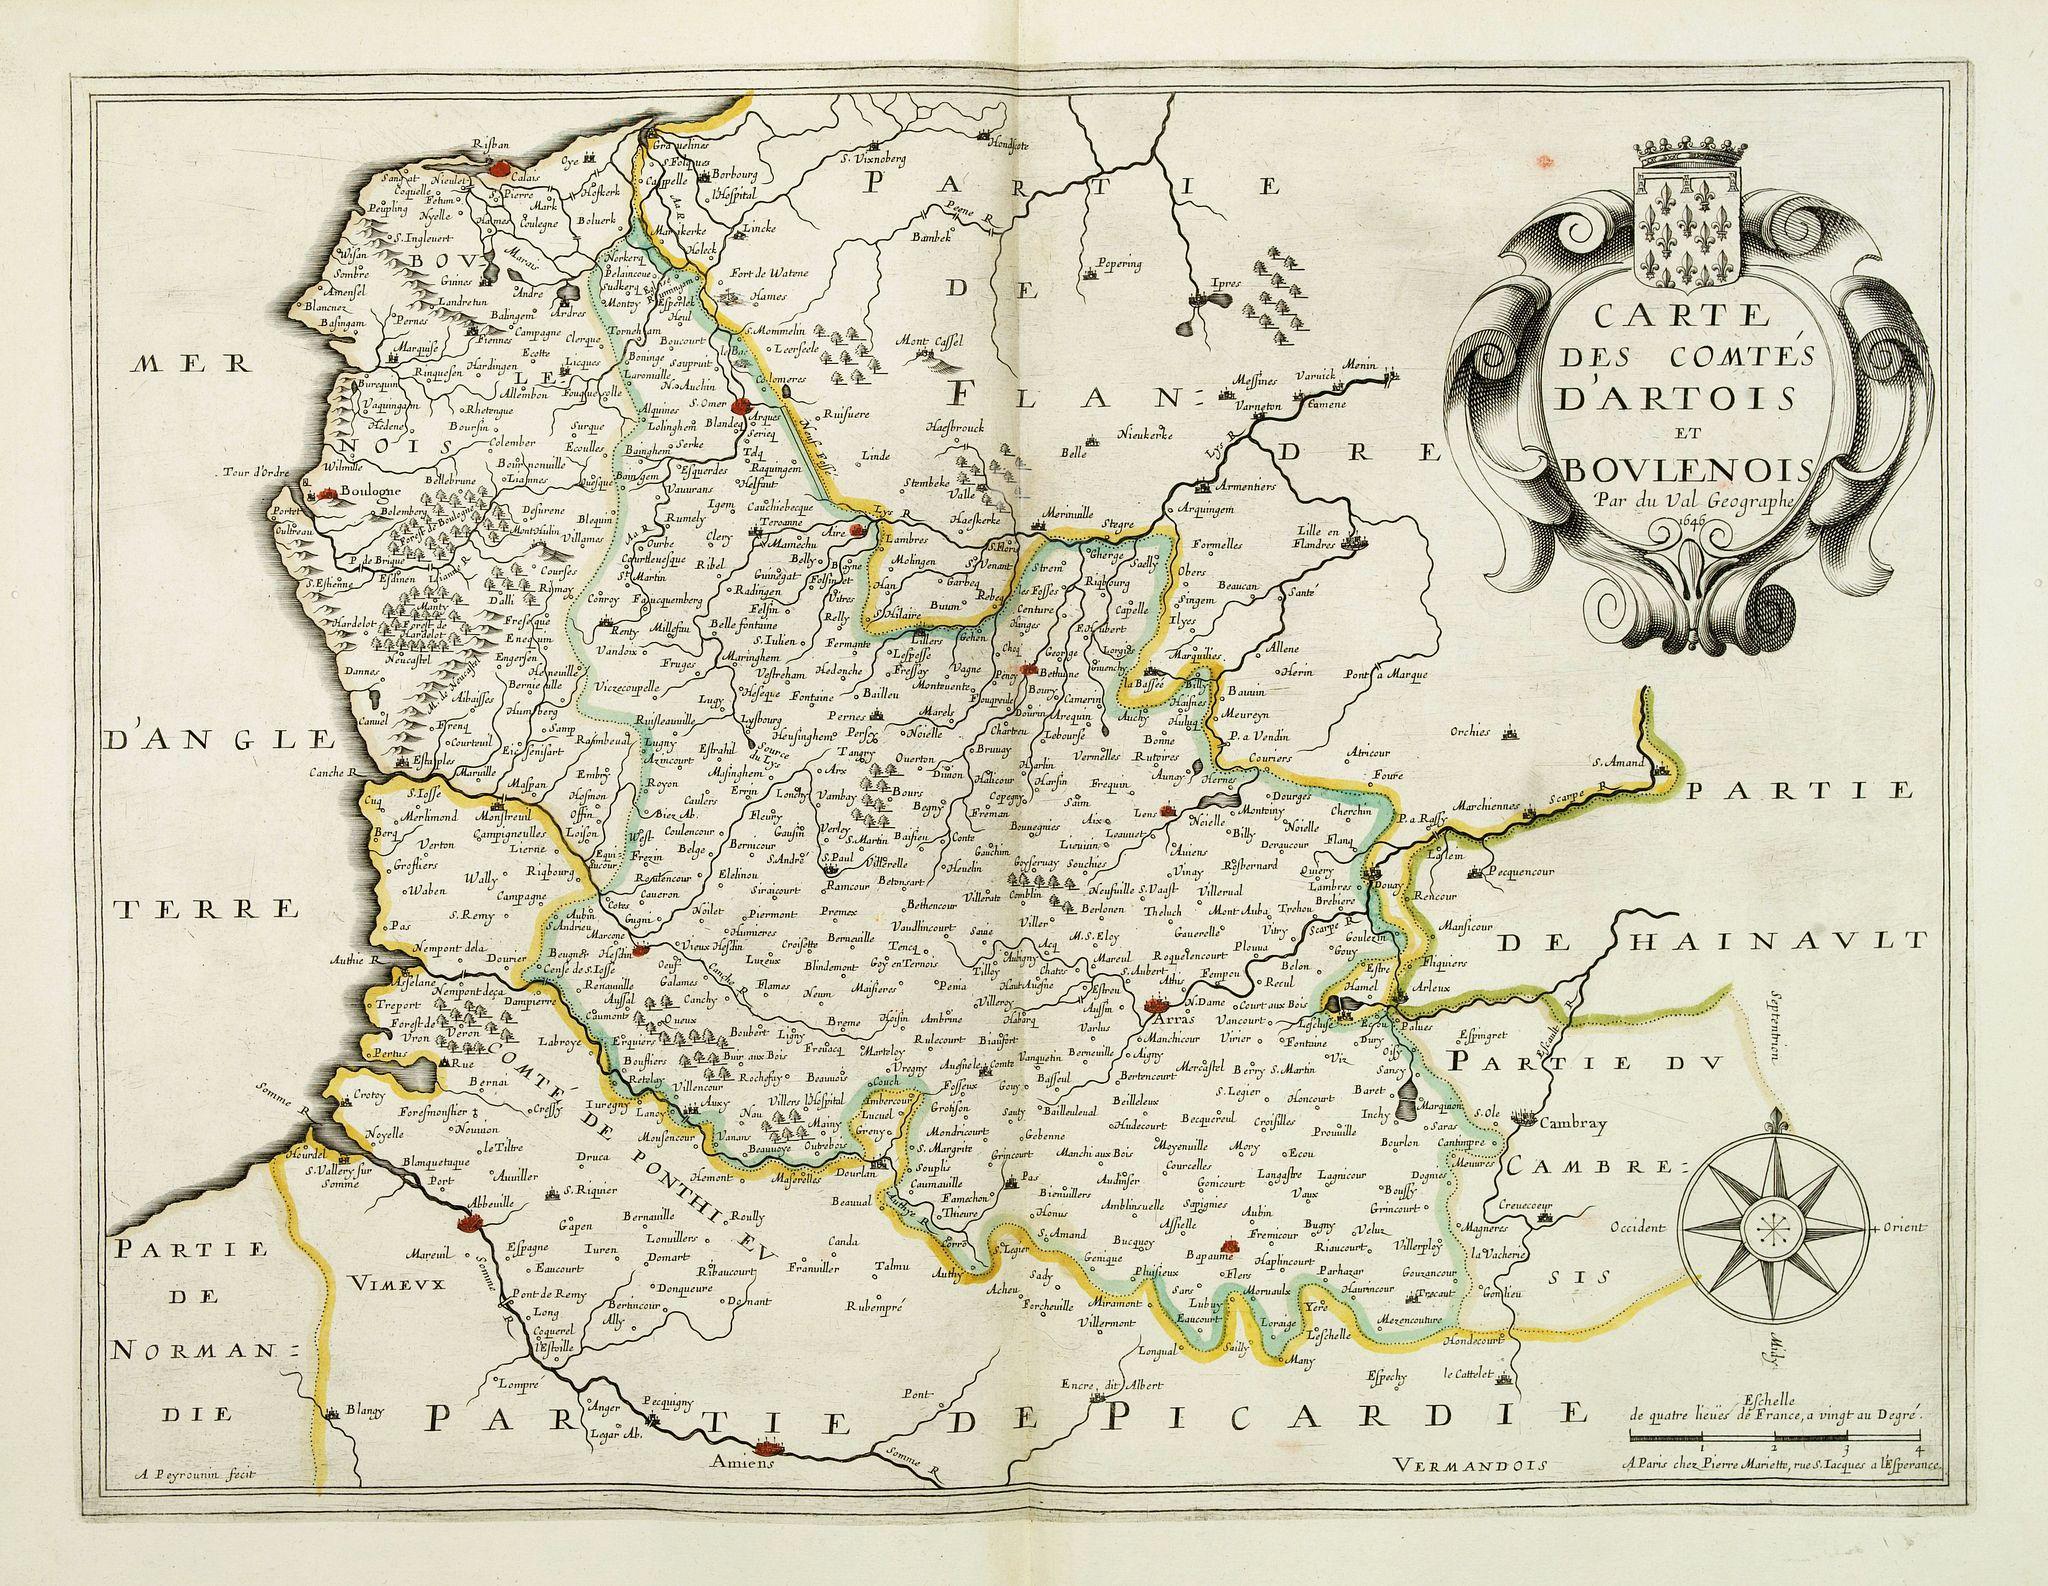 DUVAL, P. / MARIETTE, P. -  Carte des comtes d